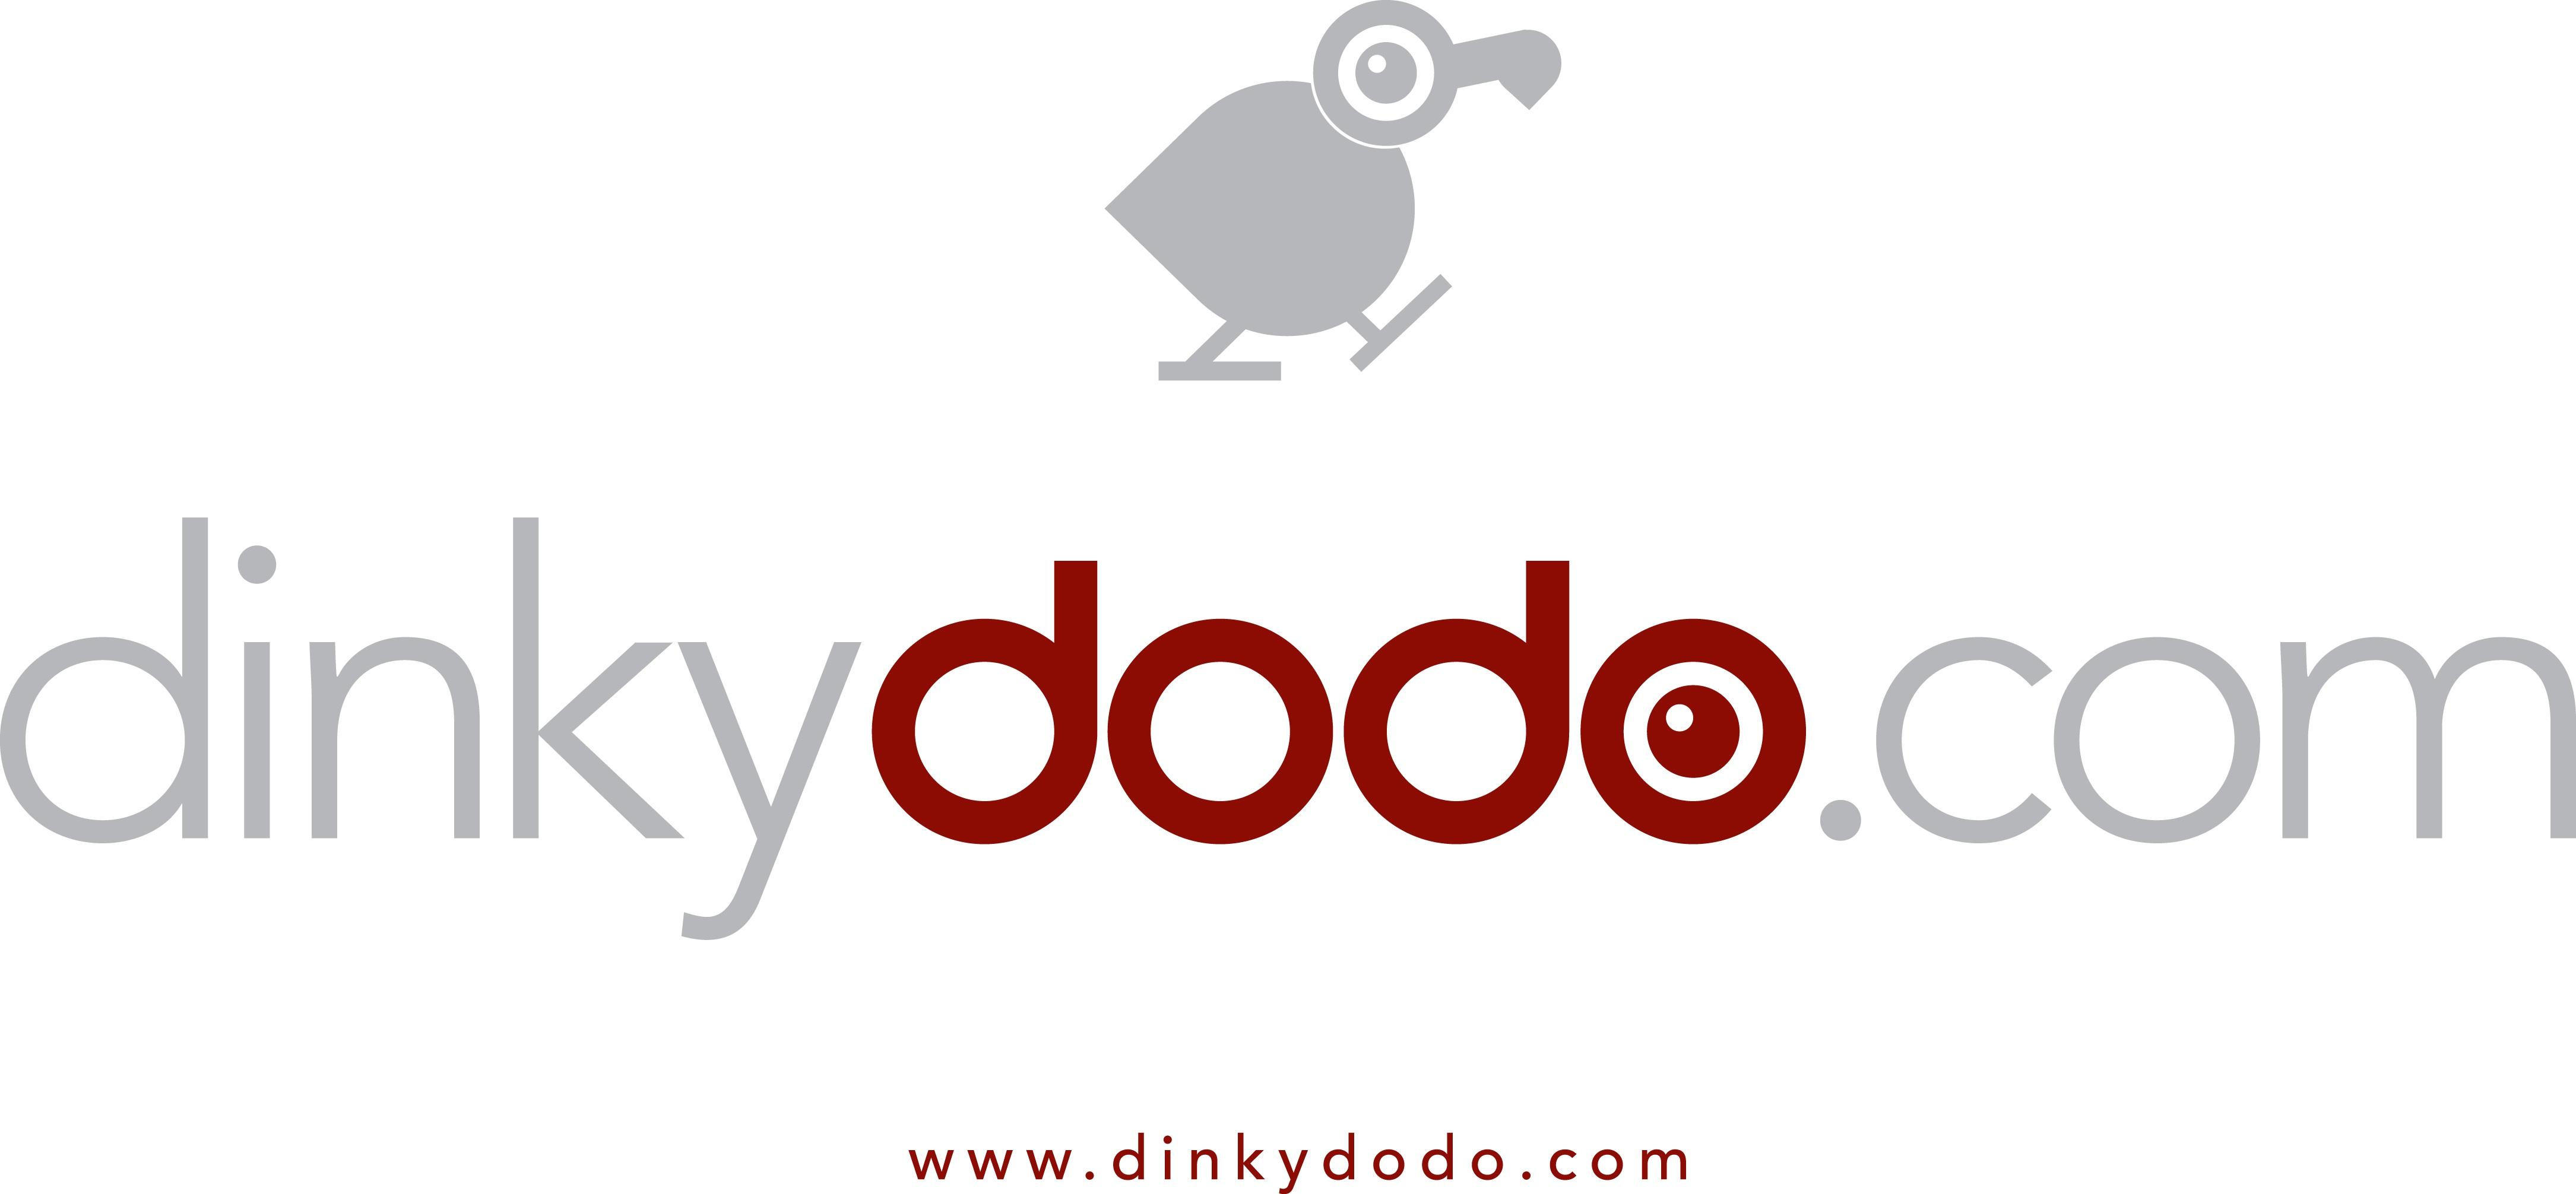 DinkyDodo.com